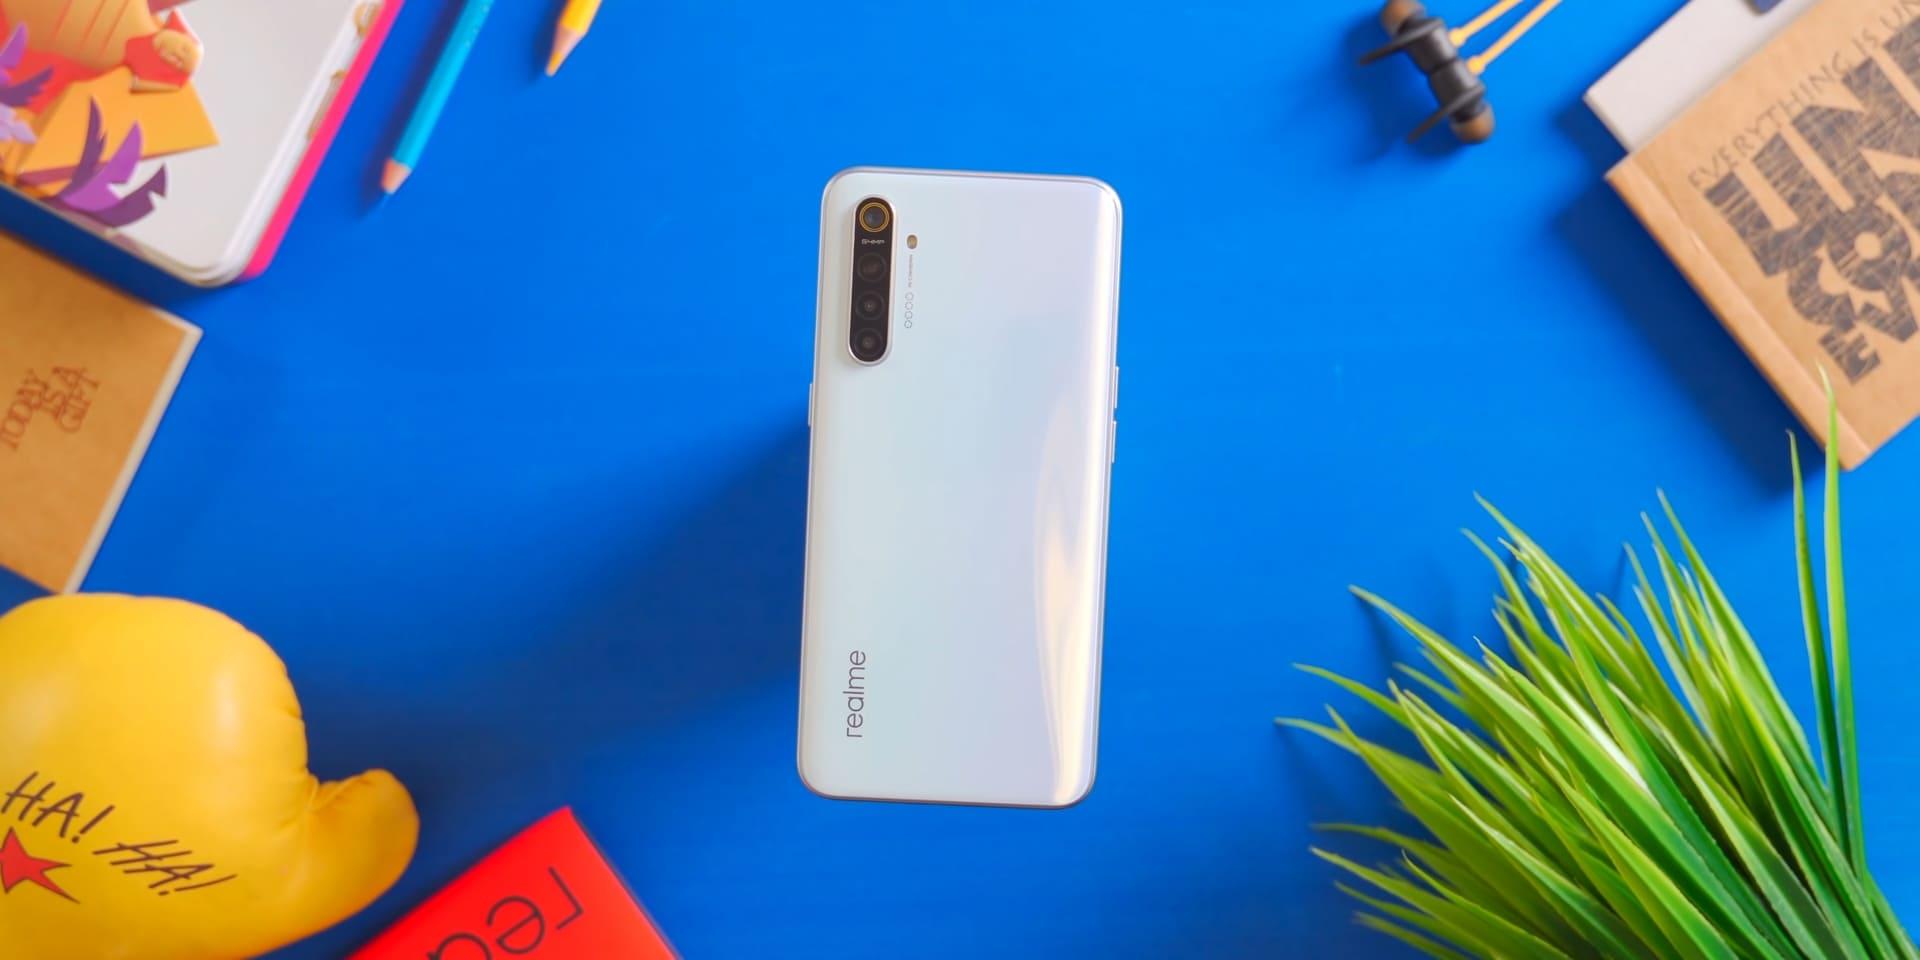 Обзор Xiaomi Mi Note 10 /Pro со 108 МП камерой: мало мегапикселей?